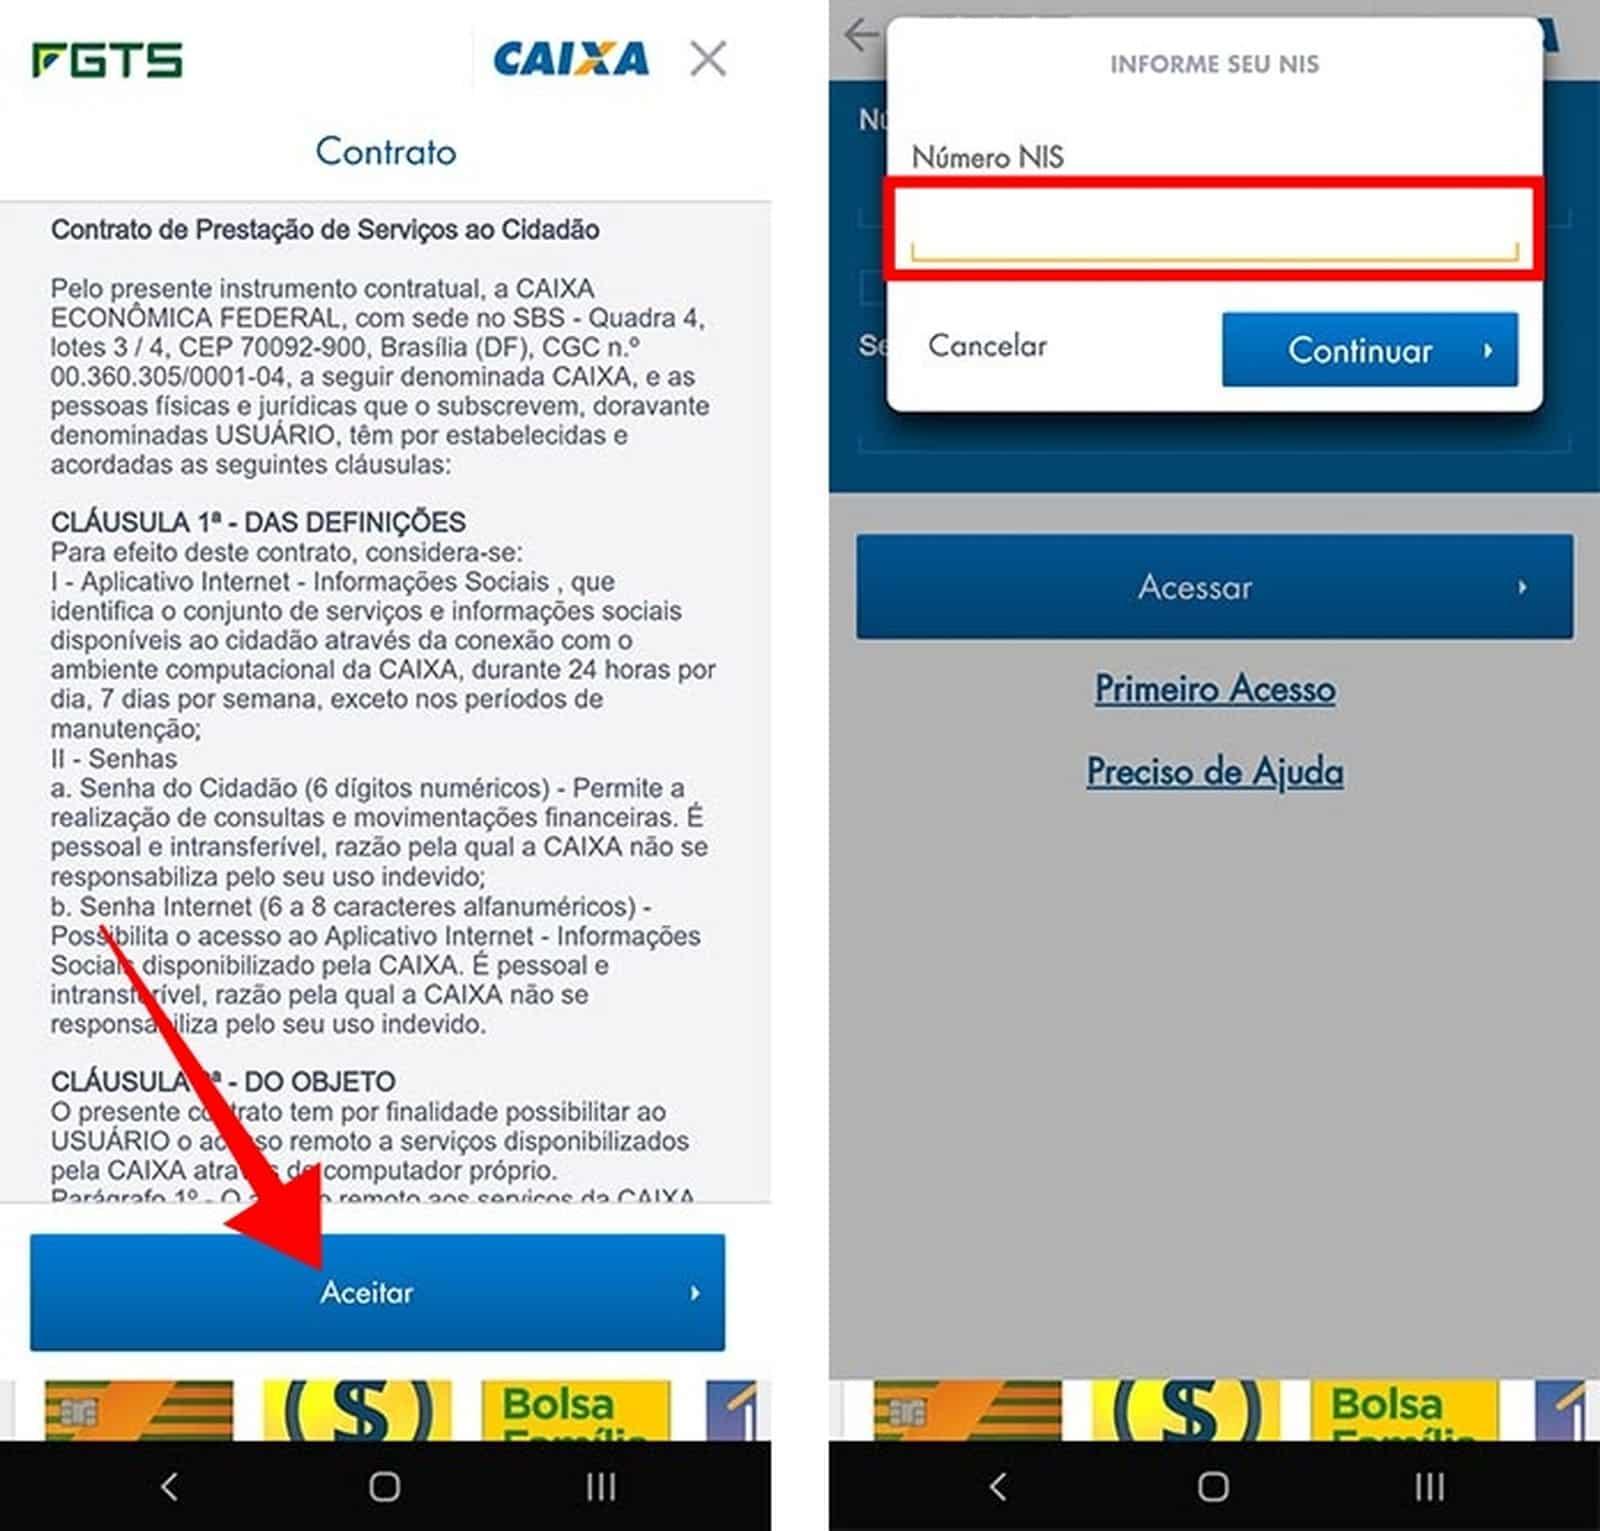 Insira o número do NIS para começar o cadastro no FGTS 2019 — Foto: Reprodução/Paulo Alves